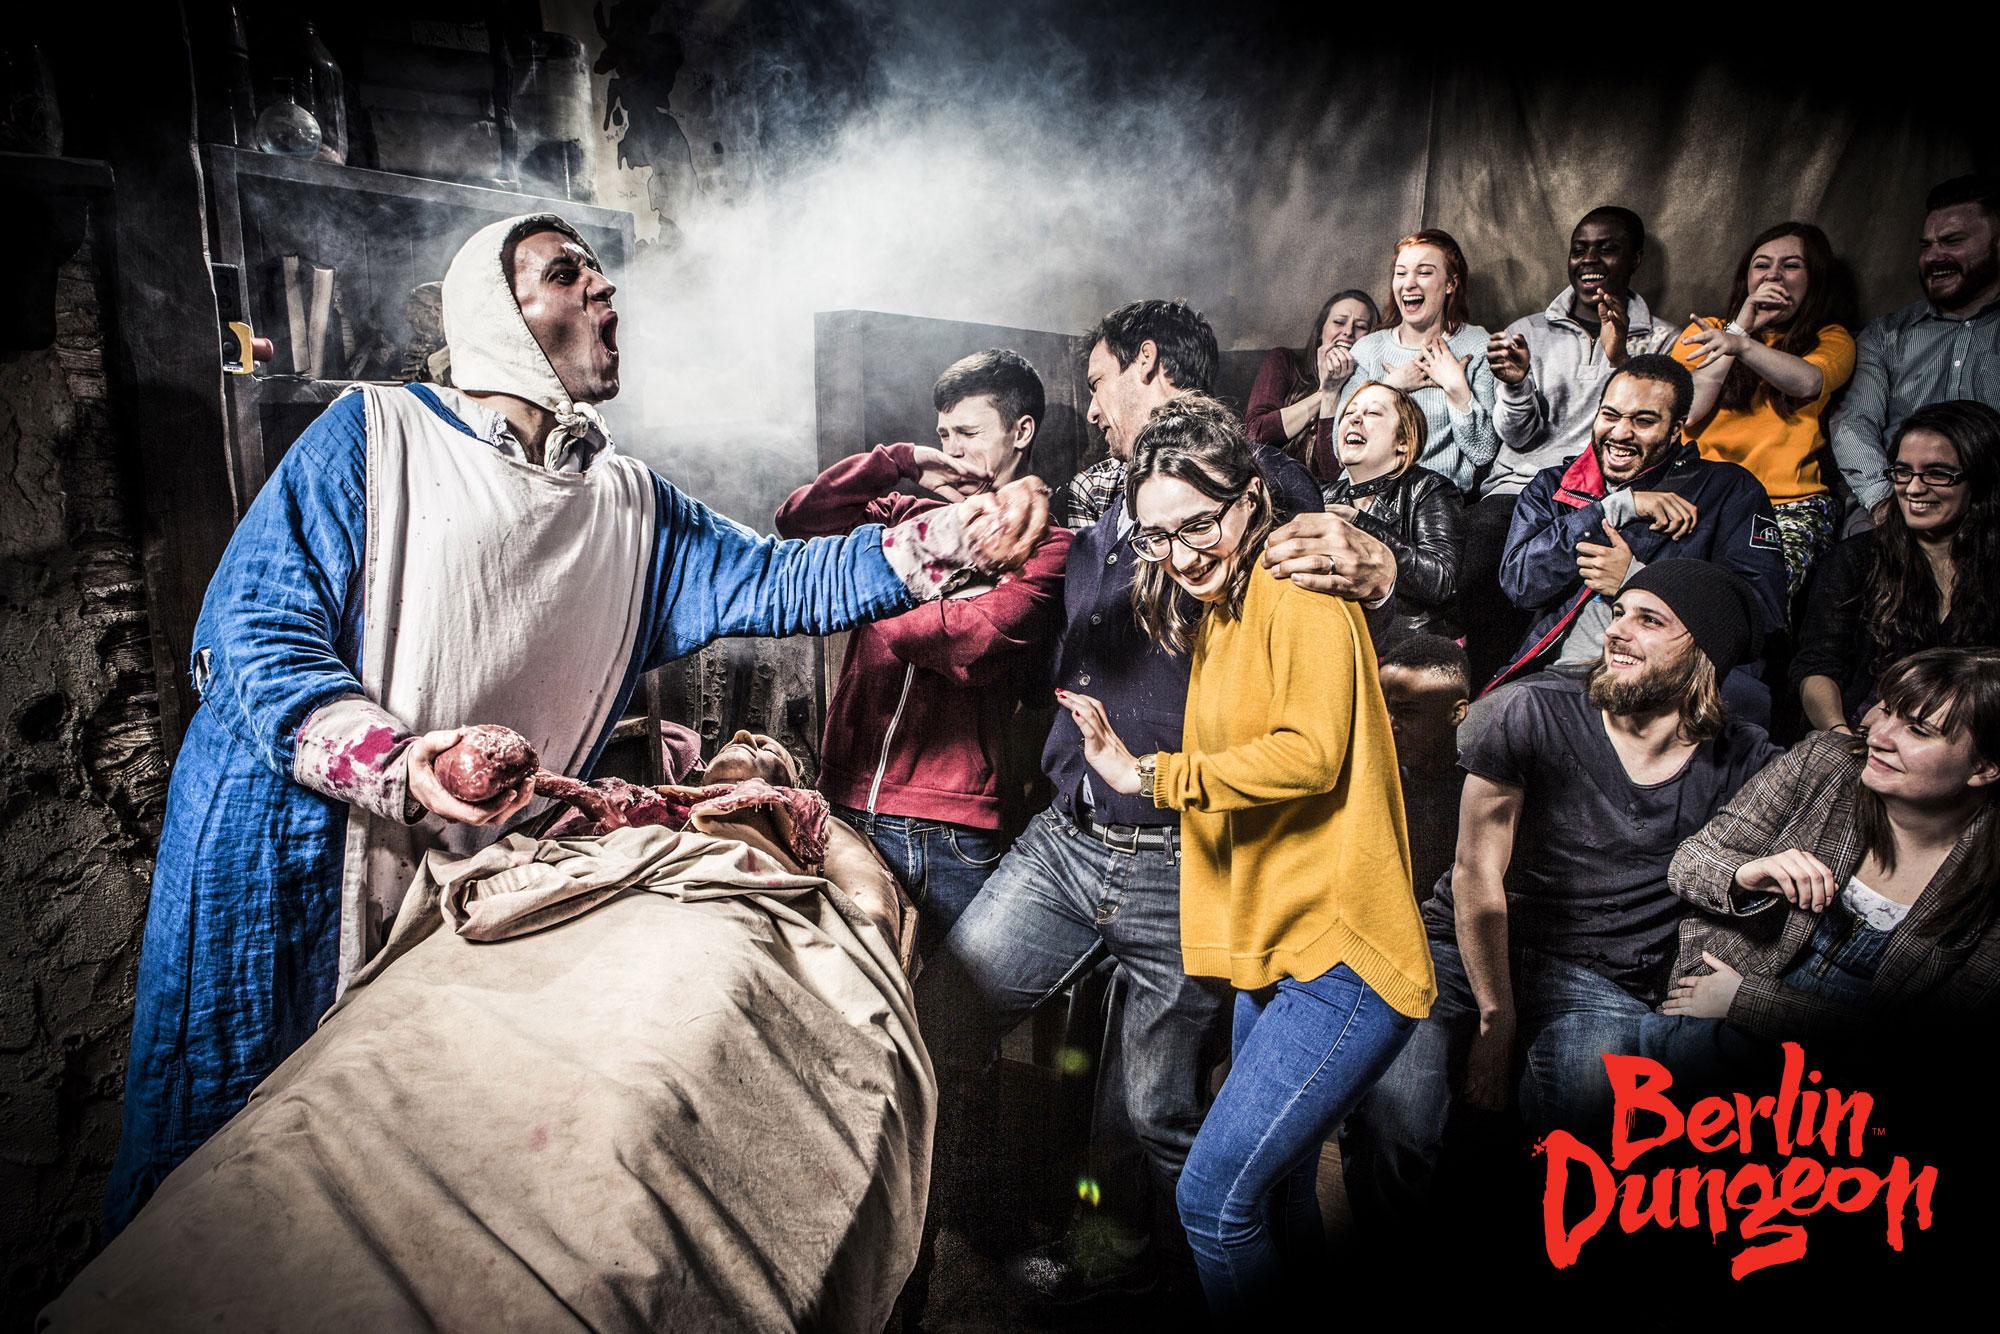 Gruppenausflug und Gruppenticket in Berlin: Merlin Entertainments: Berlin Dungeon Die Peststrasse